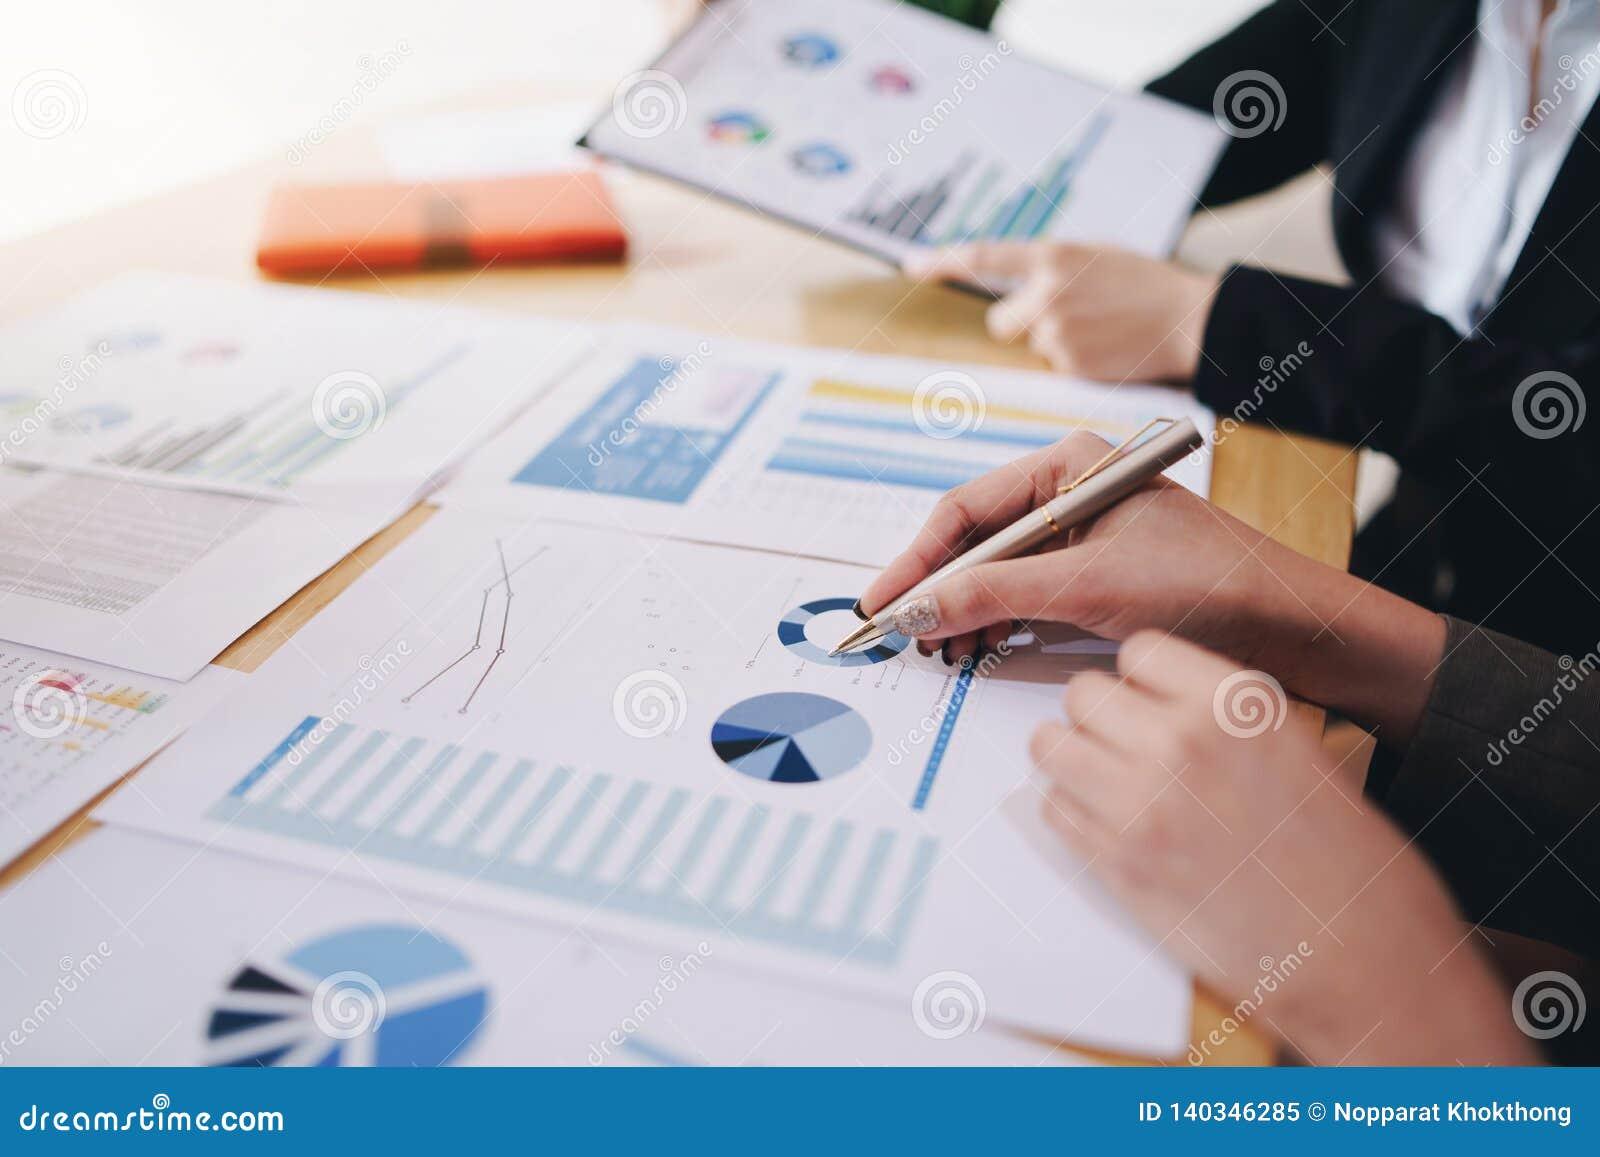 Επιχειρηματίας που δείχνει τη μάνδρα στο επιχειρησιακό έγγραφο στην αίθουσα συνεδριάσεων Διαγράμματα και γραφικές παραστάσεις στο